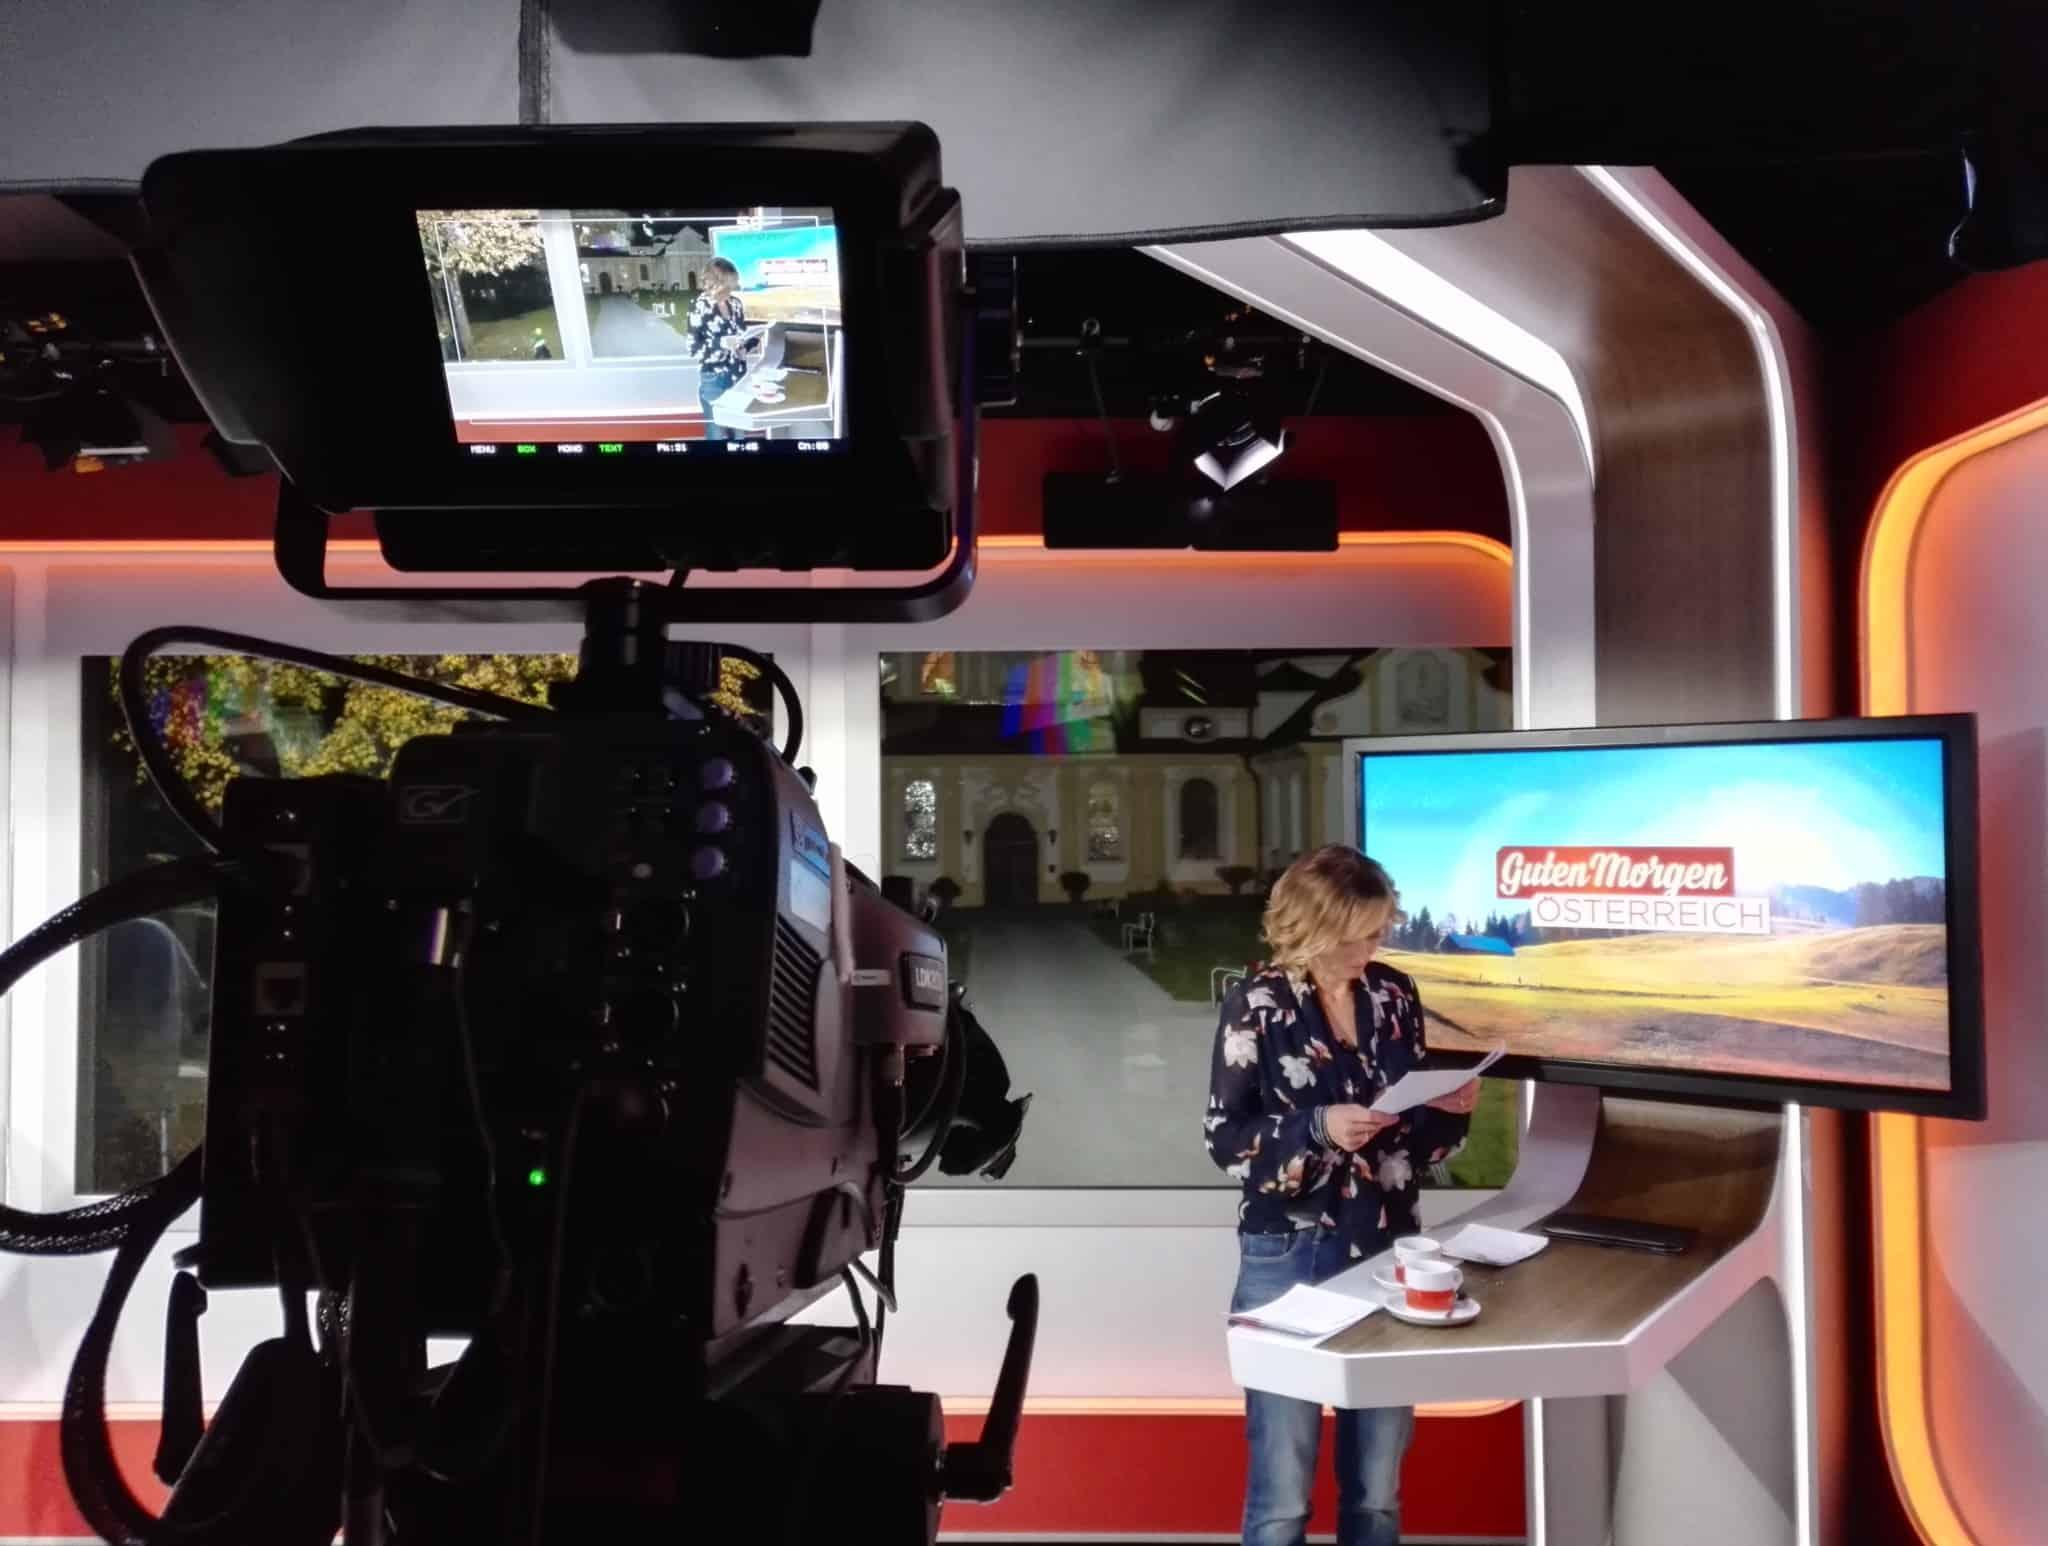 ORF Guten Morgen Österreich Tirol Sölden Woche C Andreas Felder 21 - ORF Guten Morgen Österreich - Tirol Woche